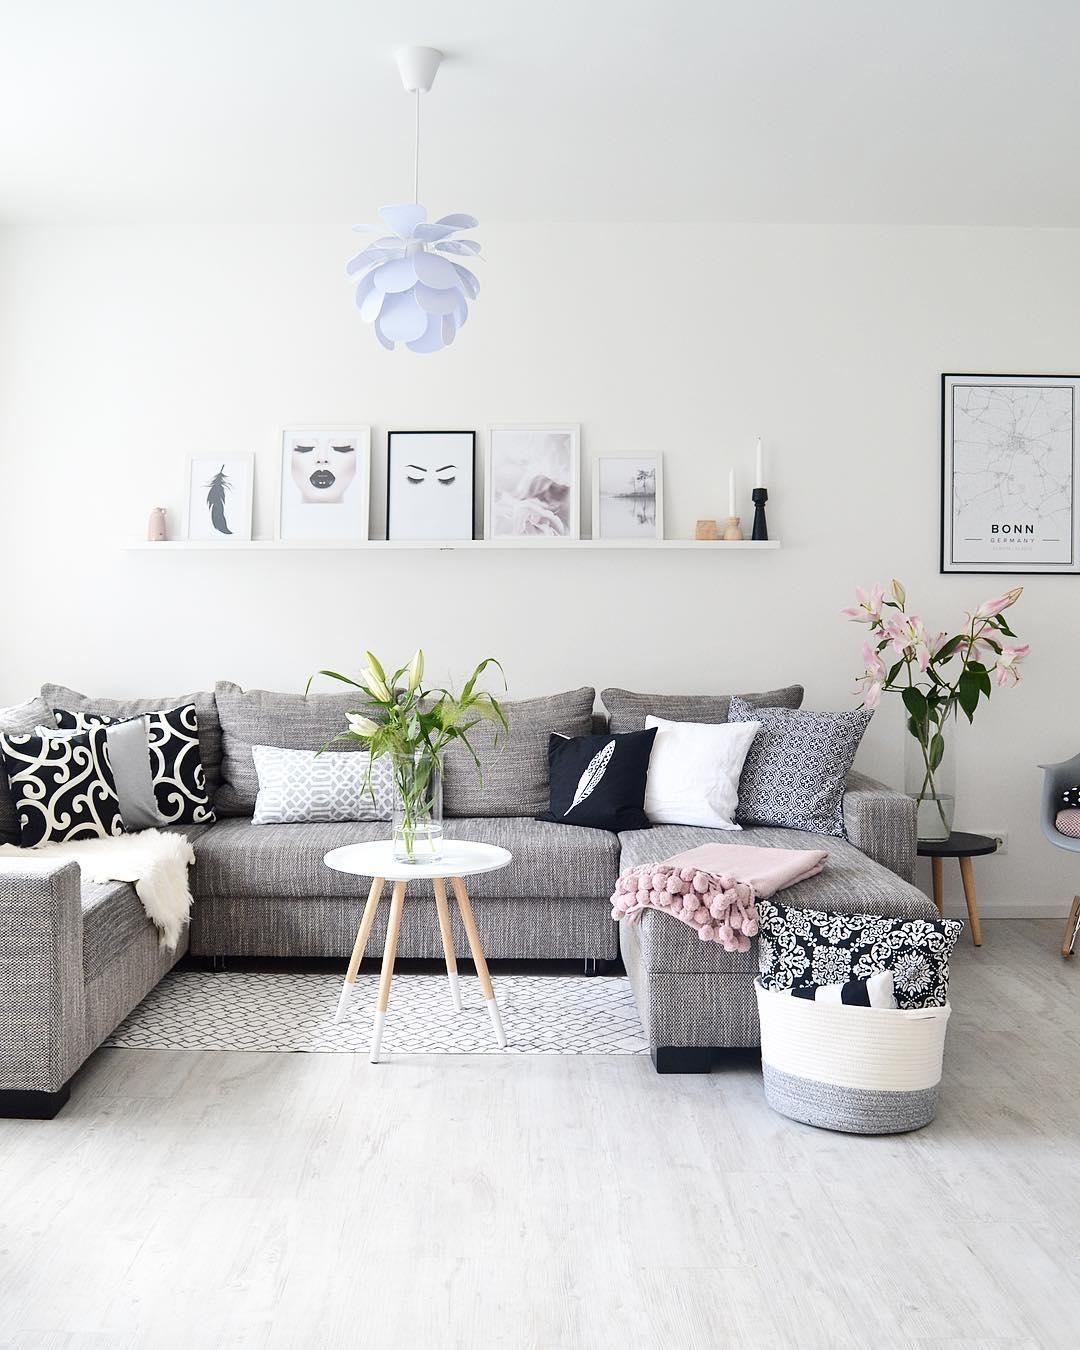 Wohnzimmerstil 2018 pin by renáta gondeková on obývačka in   pinterest  living